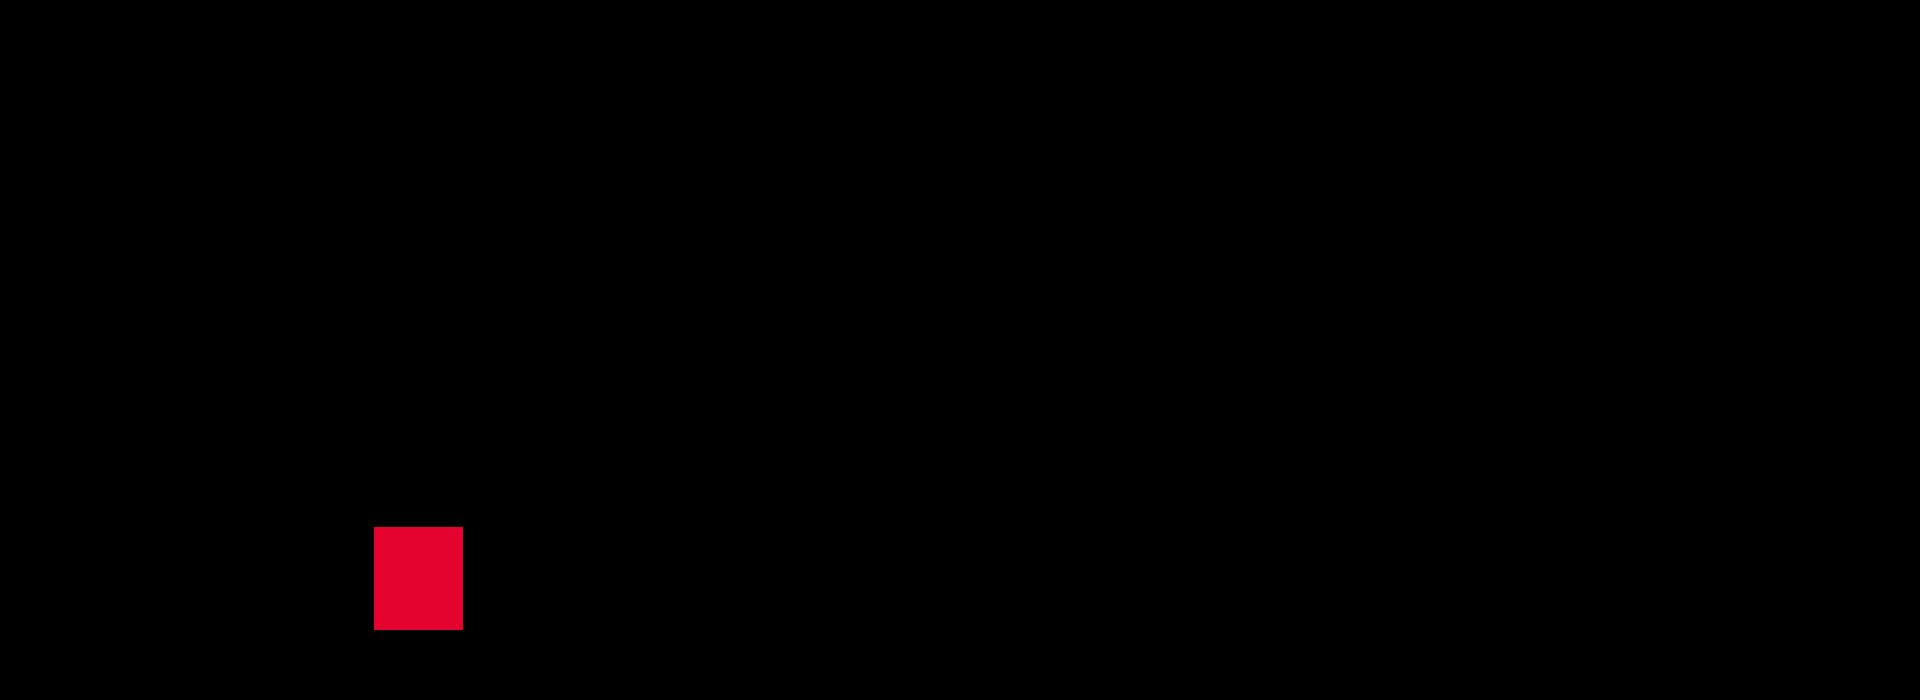 rsgp-slider-v4-03.png